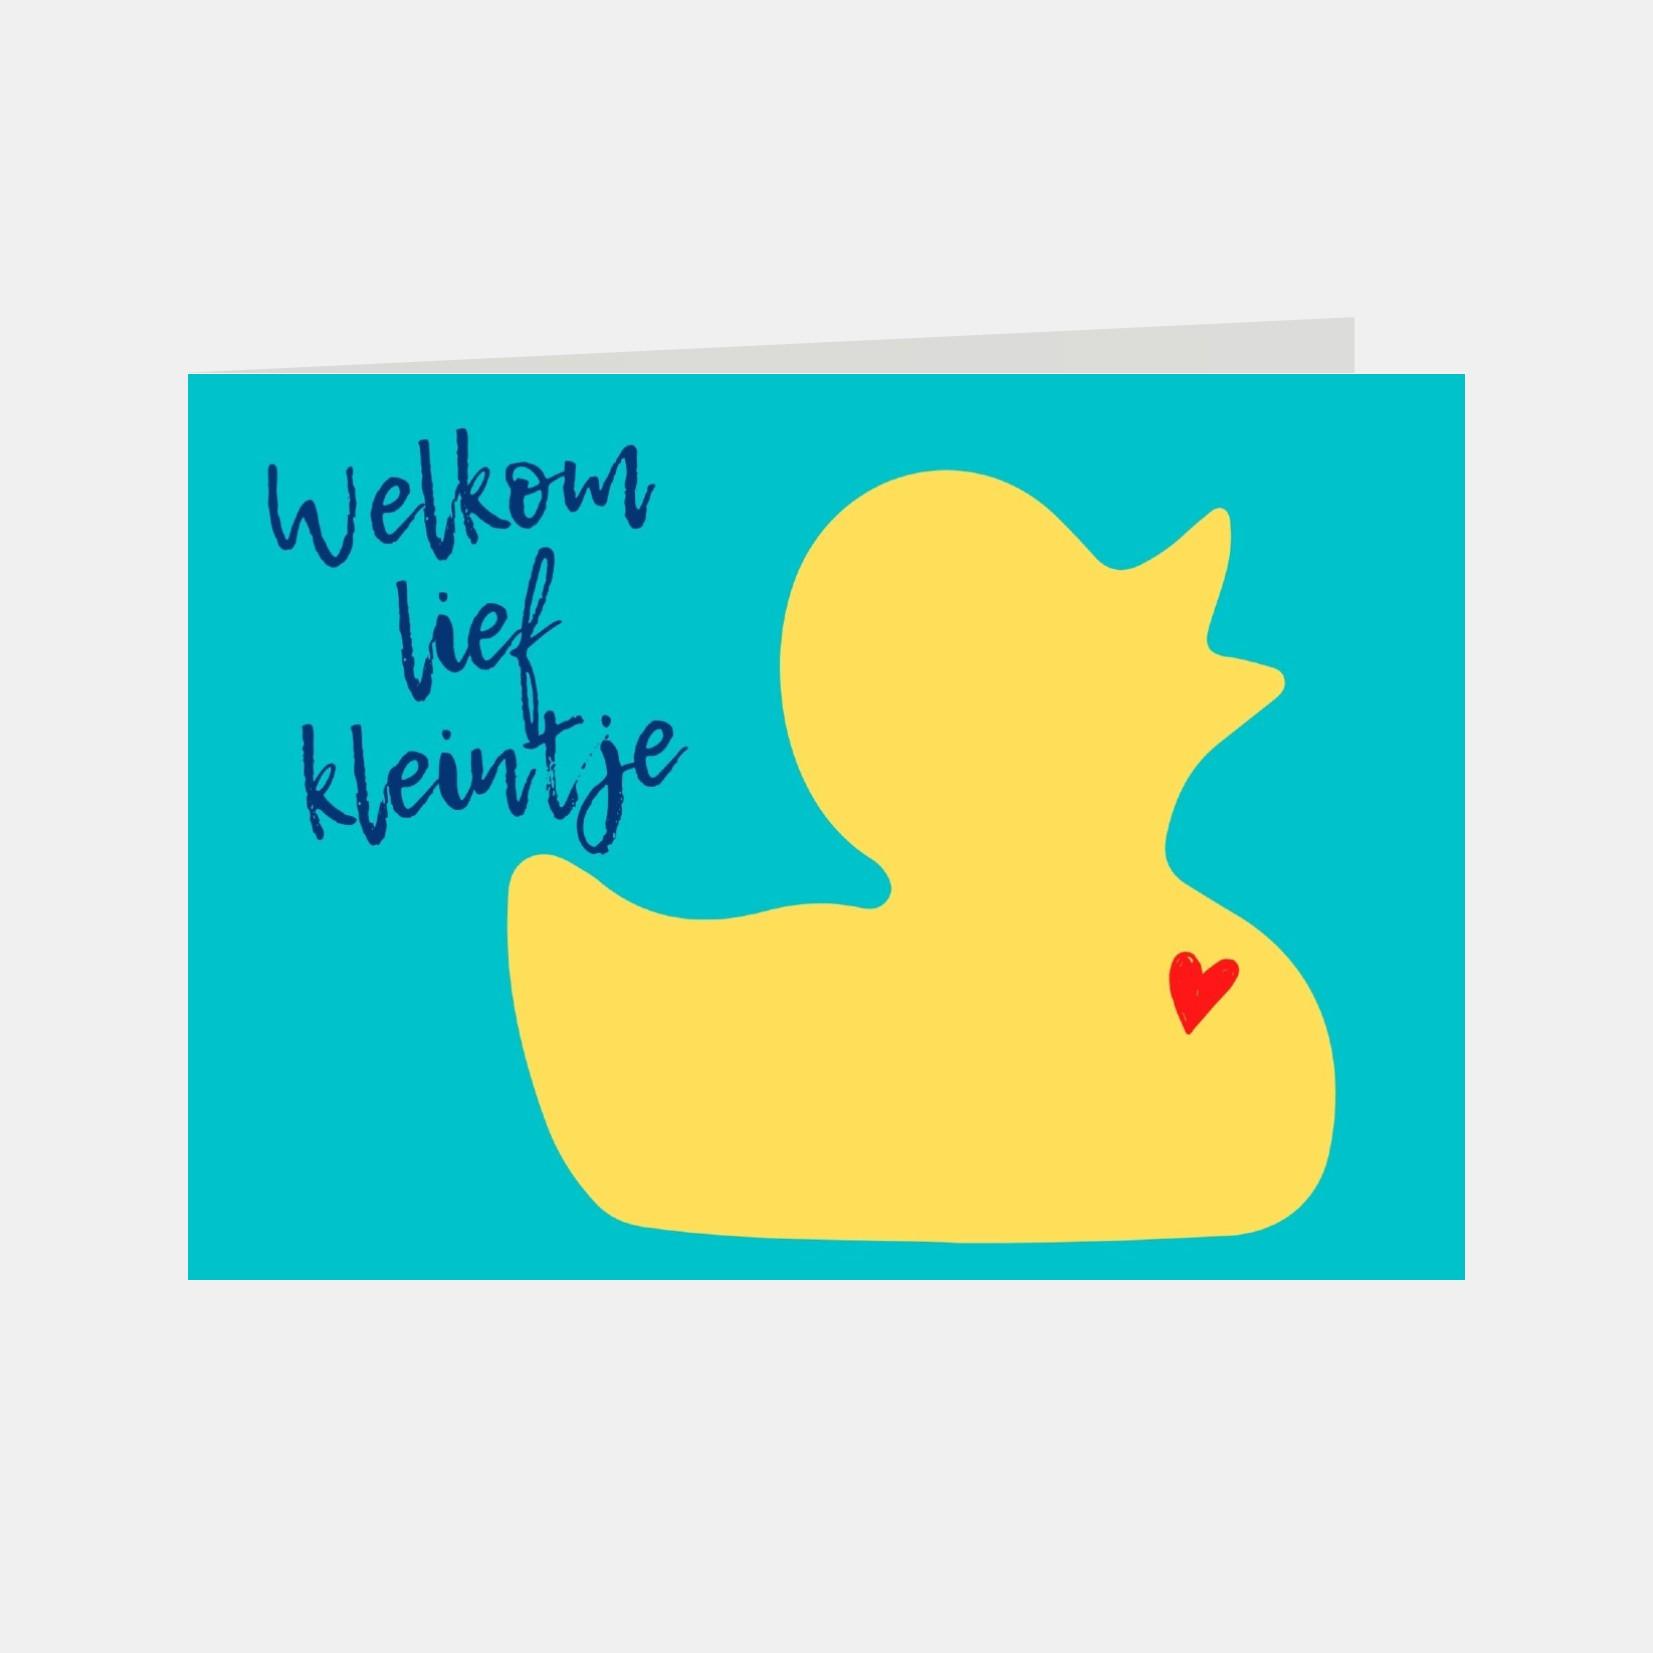 Wenskaart met de tekst Welkom lief kleintje en de afbeelding van een gele badeend